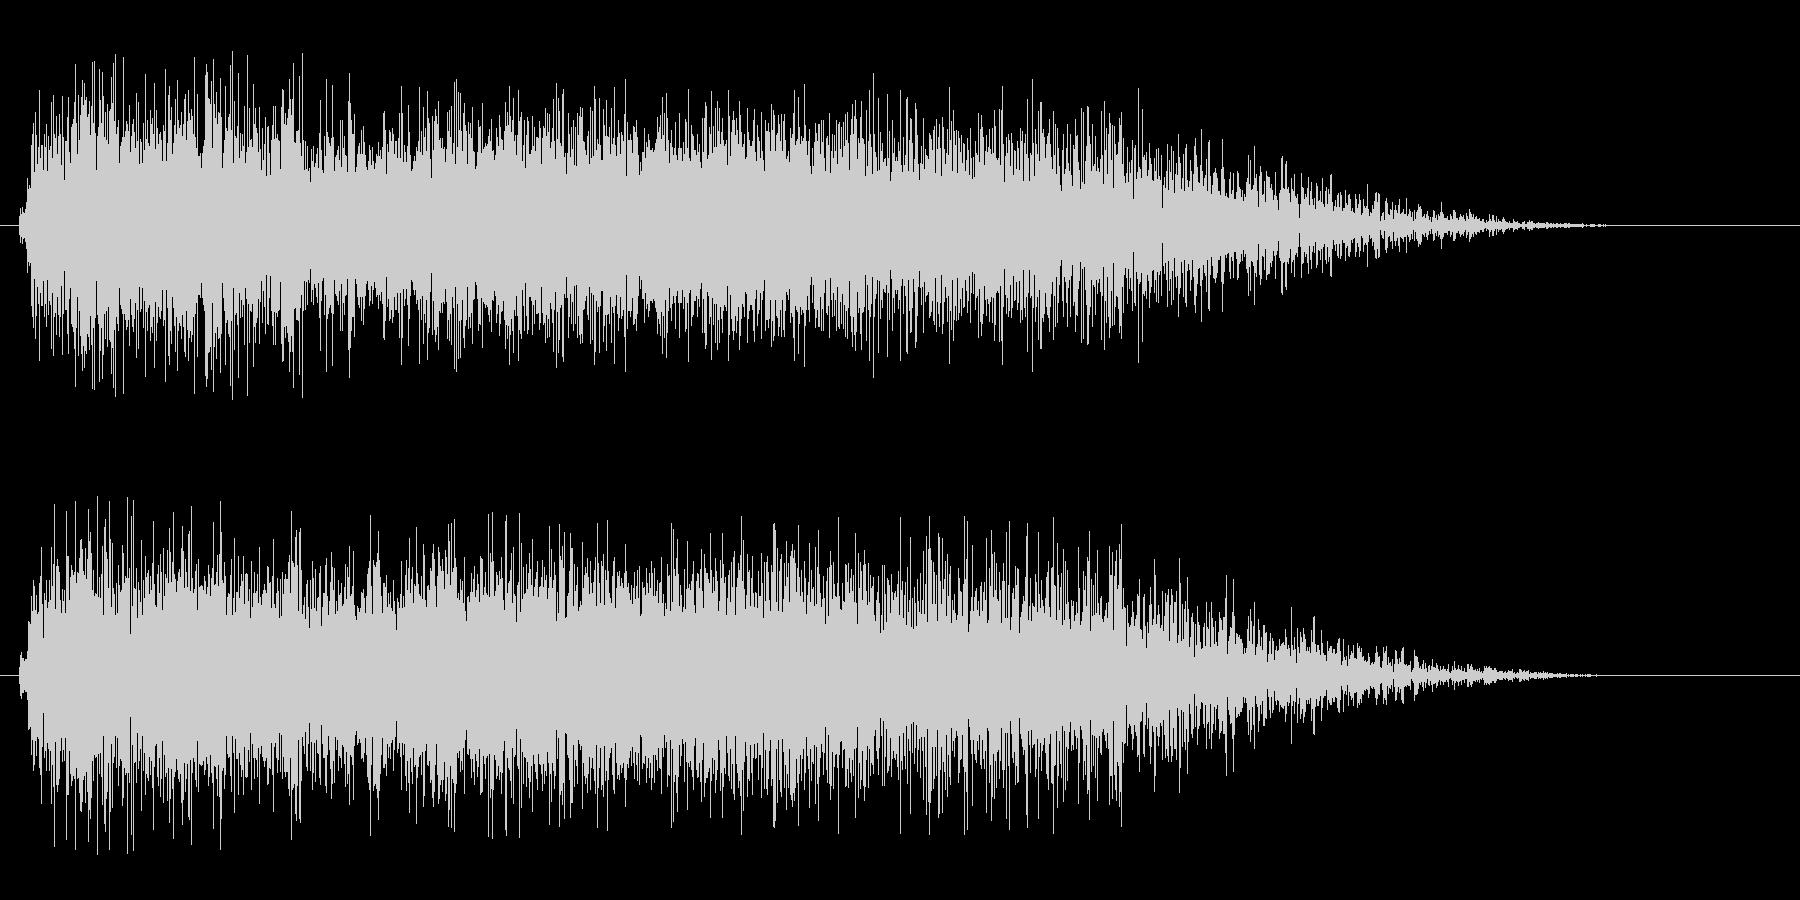 レーザービーム発射(クリアー・高音)の未再生の波形